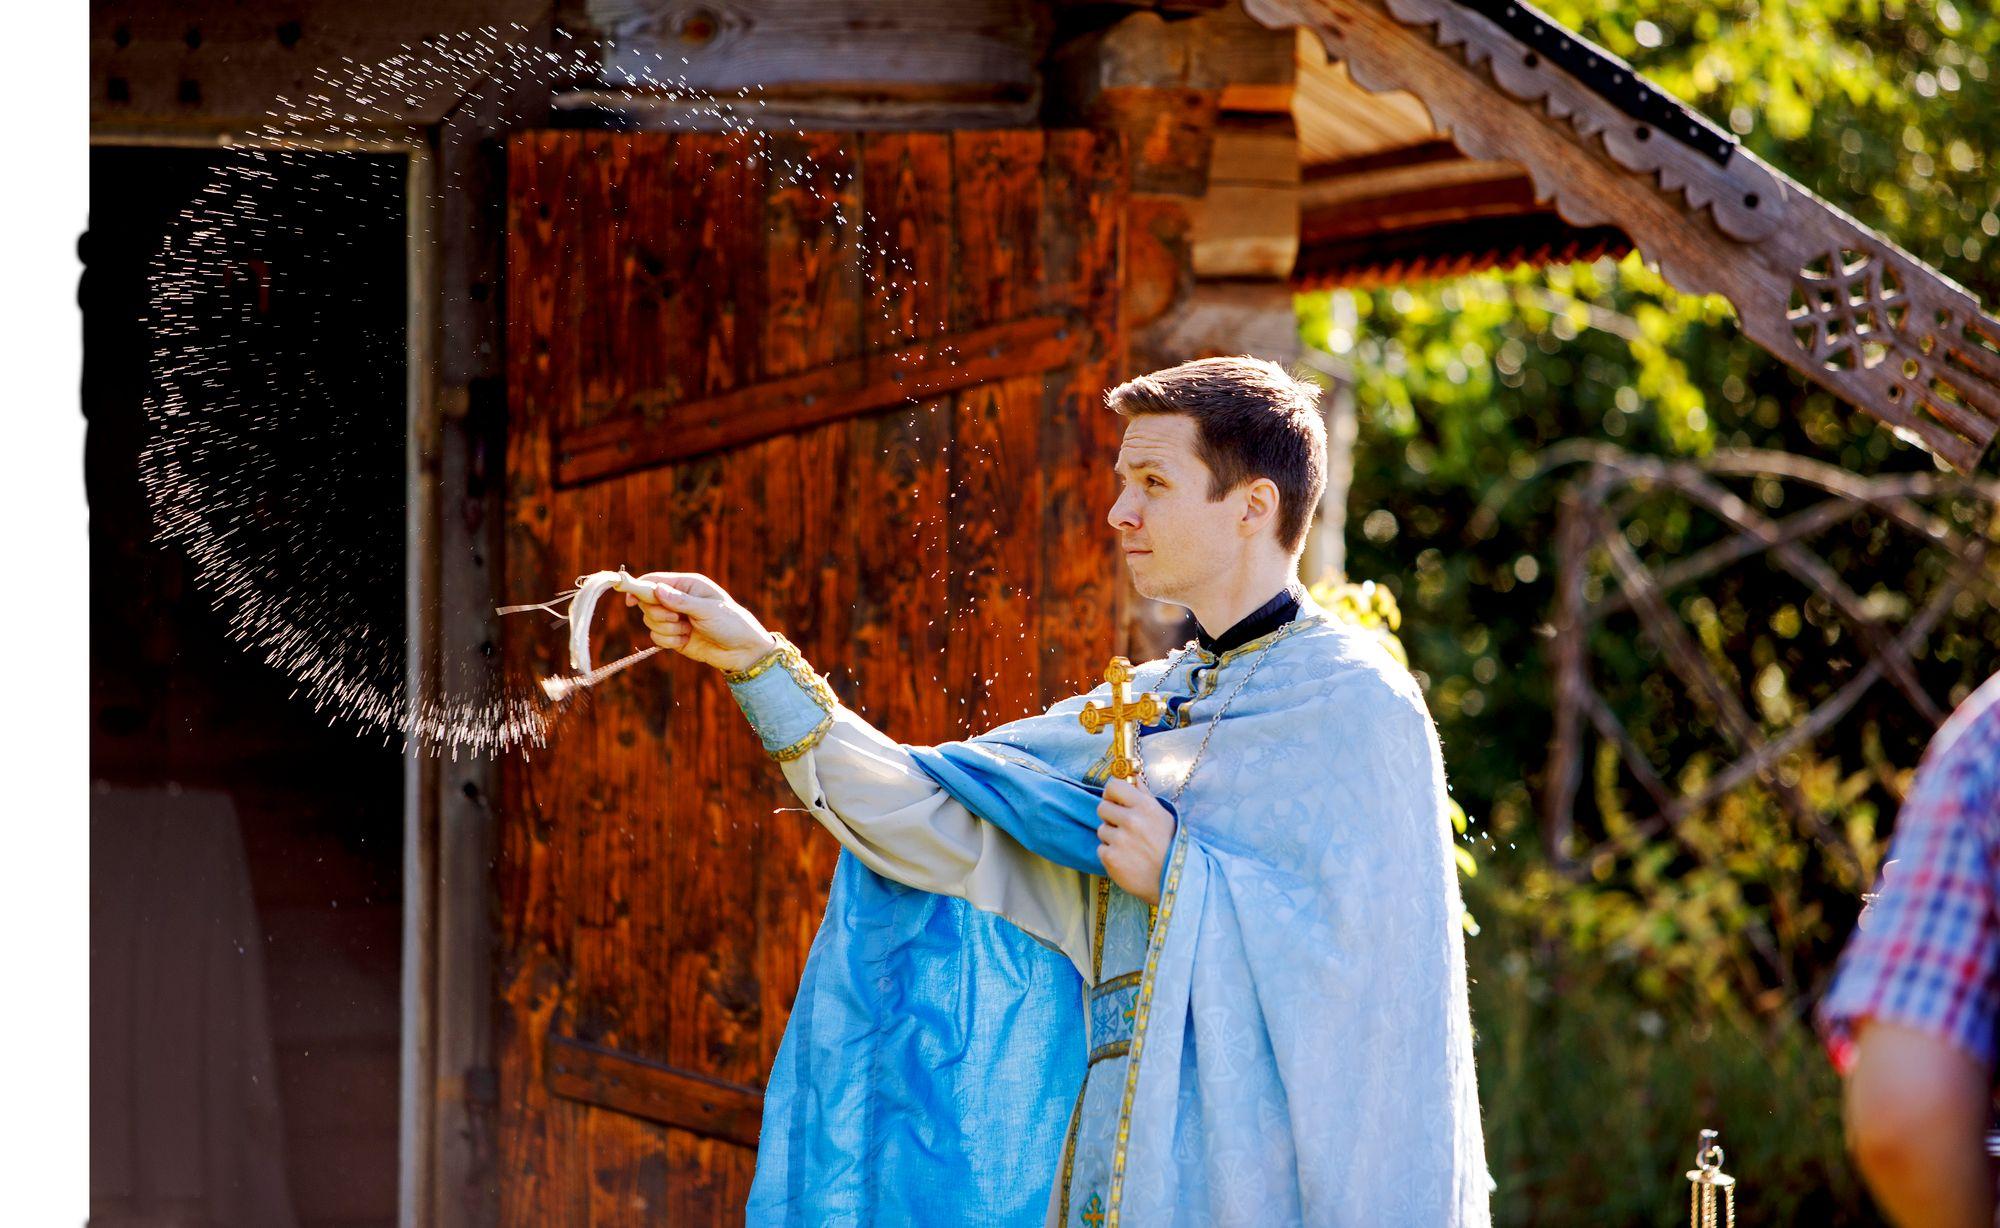 Pappi Kaarlo Saarento vihmoo pyhitettyä vettä tsasounan hirsisienille. © Hanna-Kaisa Hämäläinen